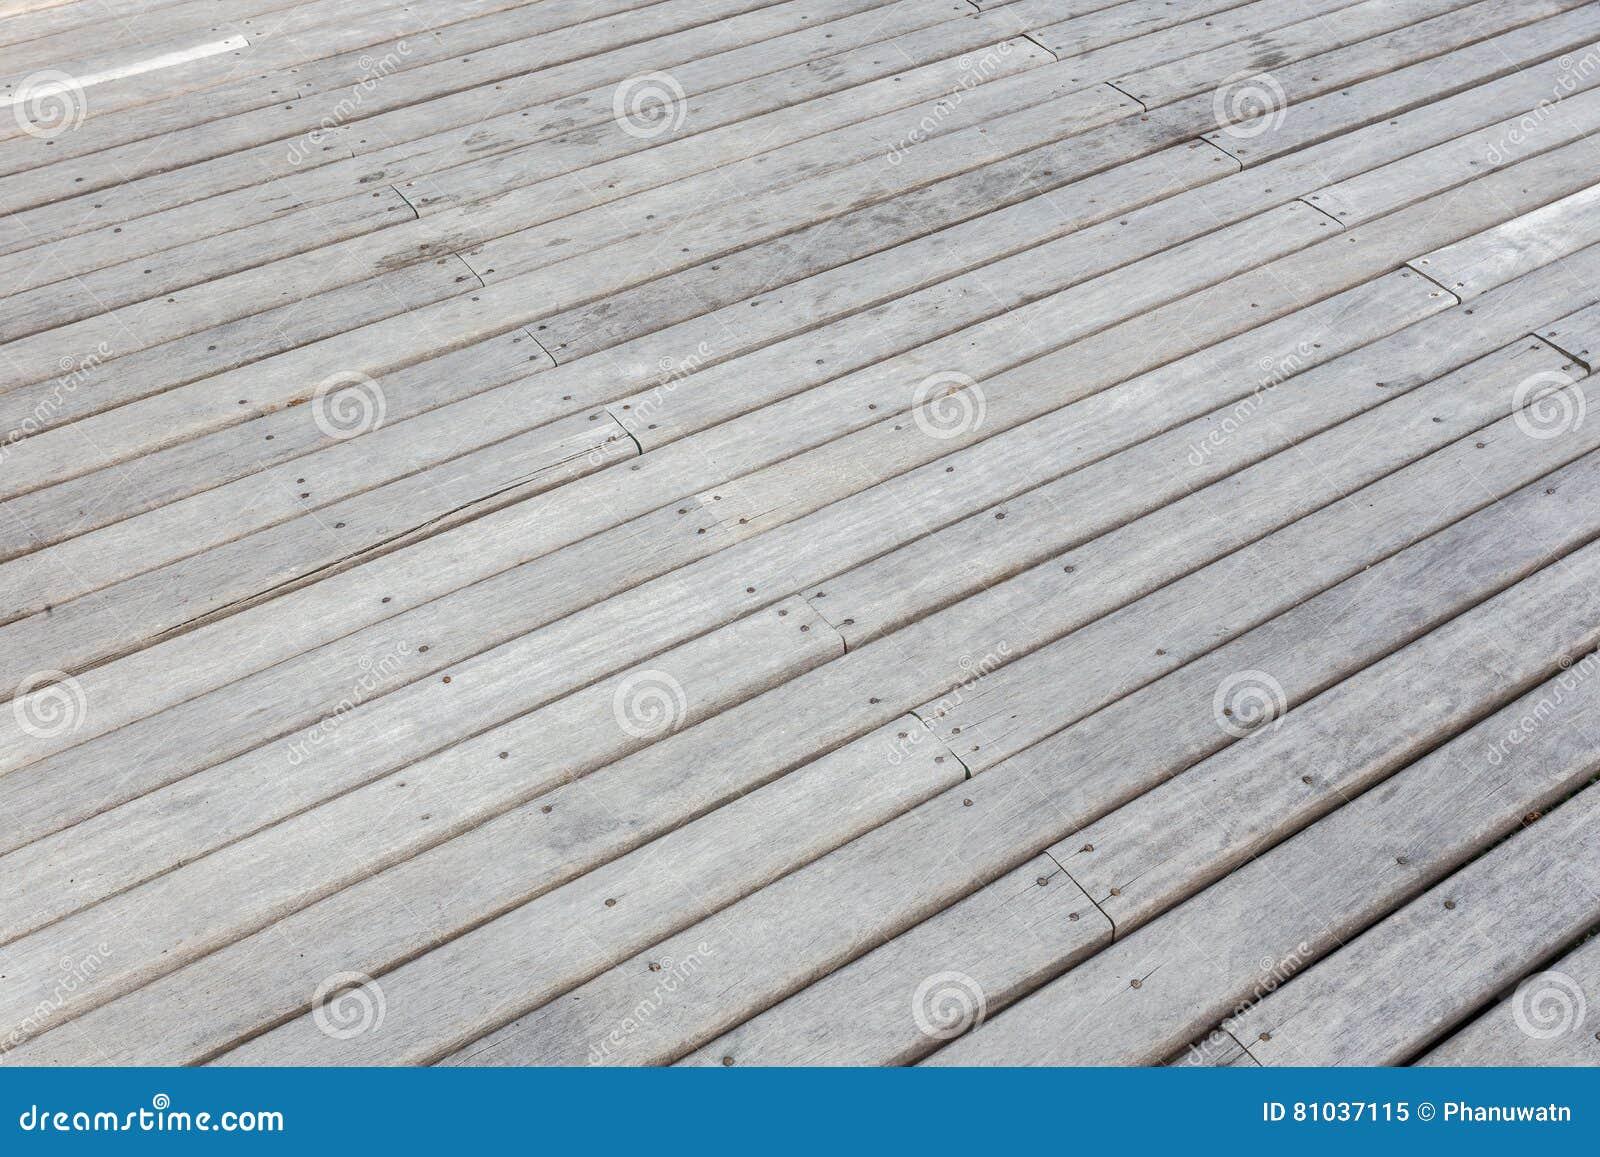 decking o suelo de madera exterior viejo en la terraza